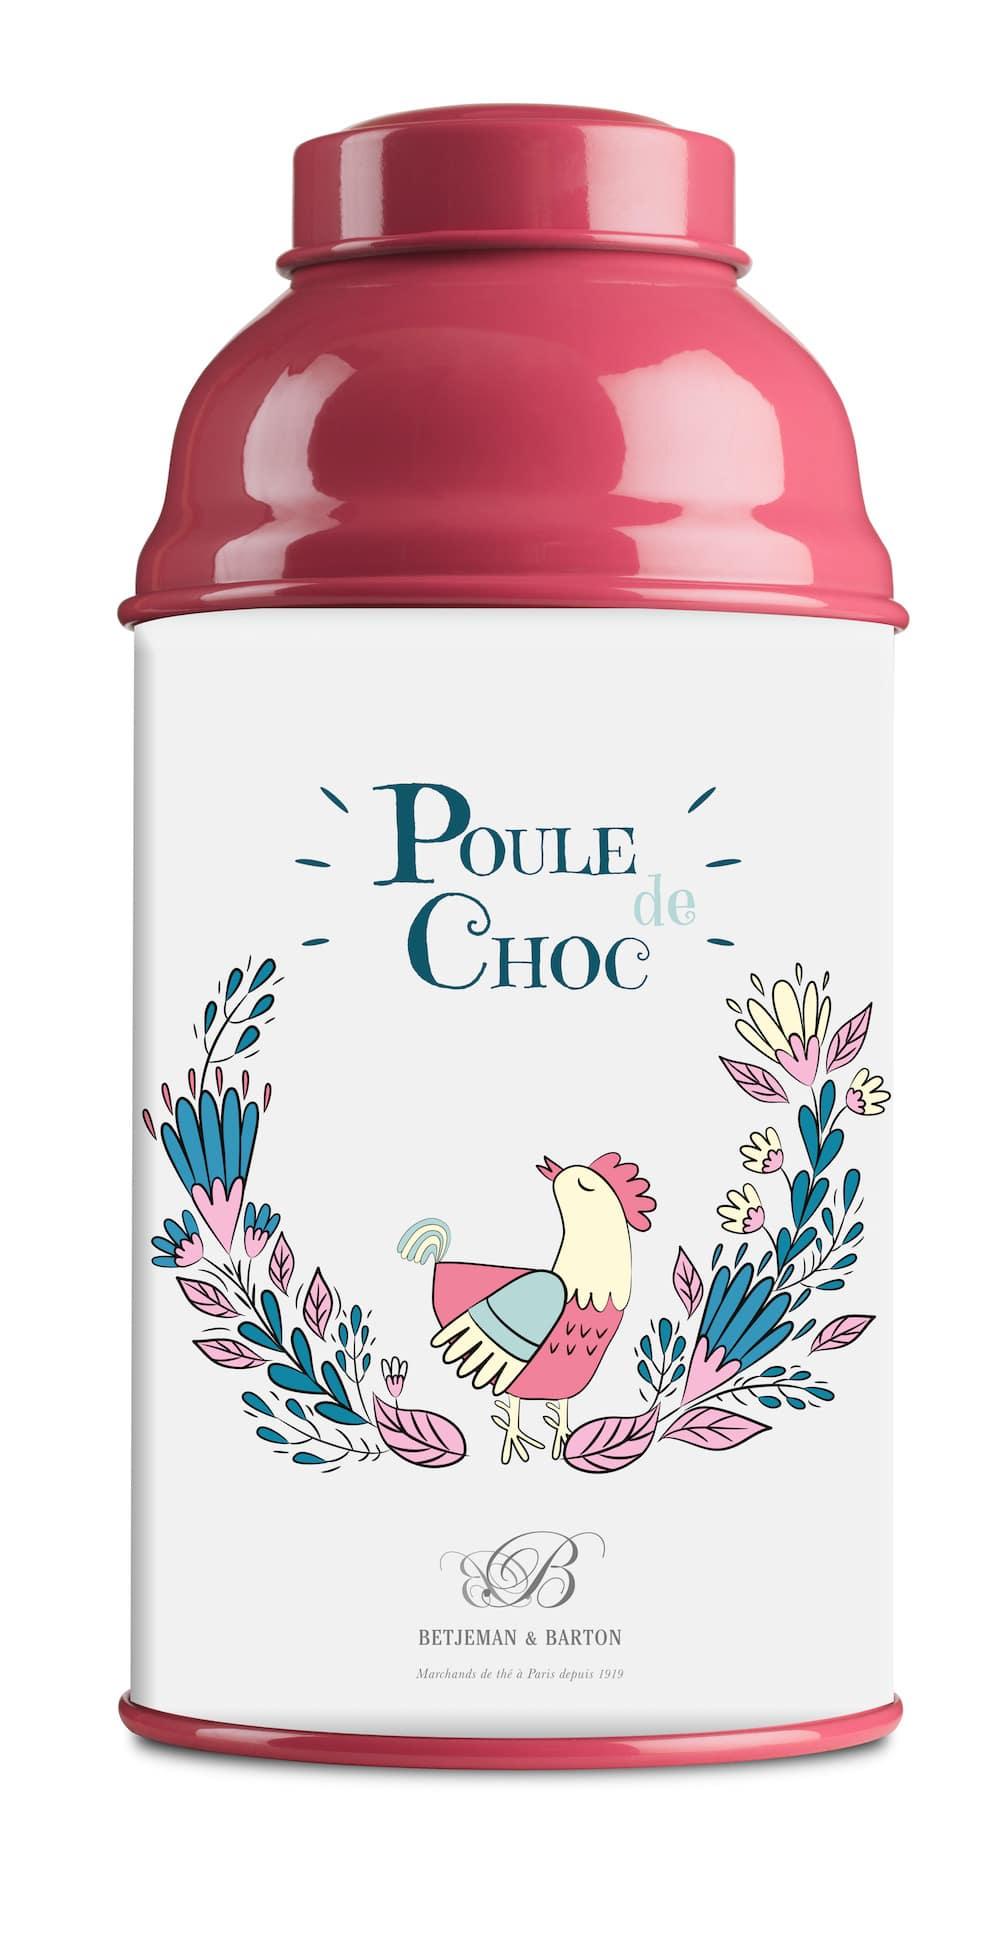 Poule de Choc